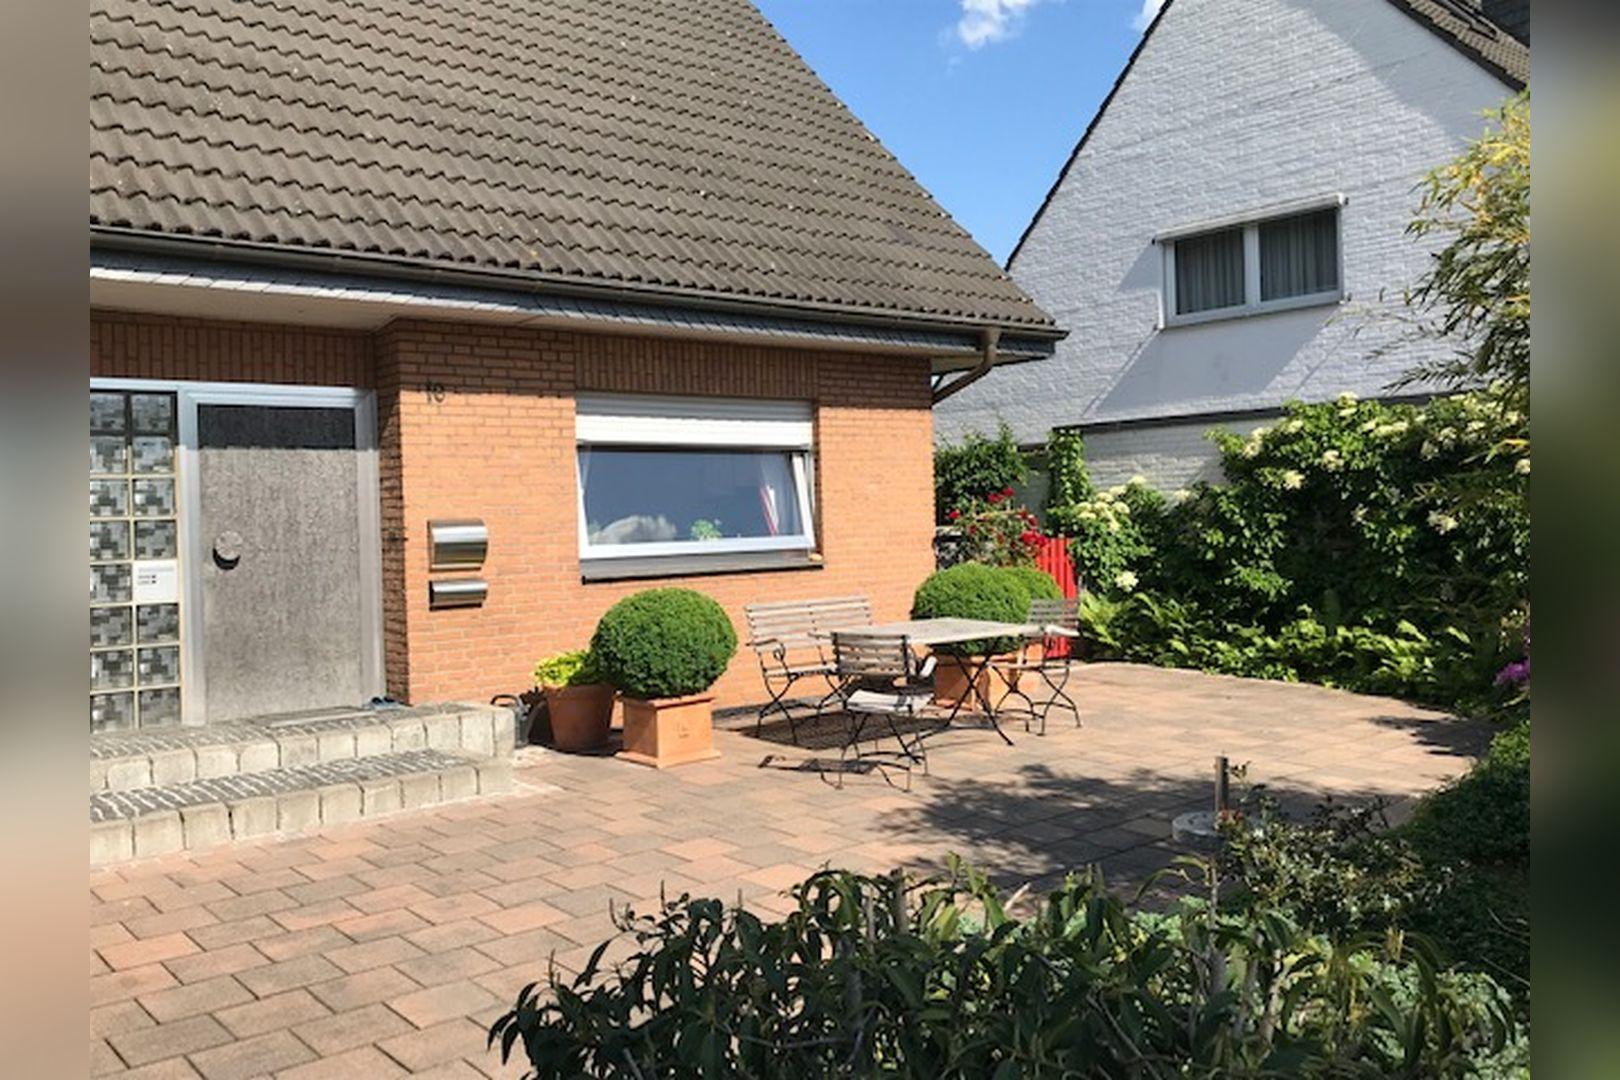 Immobilie Nr.0260 - Einfamilienhaus, zum 2-FH erweiterbar. Spitzboden als zusätzl. Ausbaureserve - Bild 3.jpg